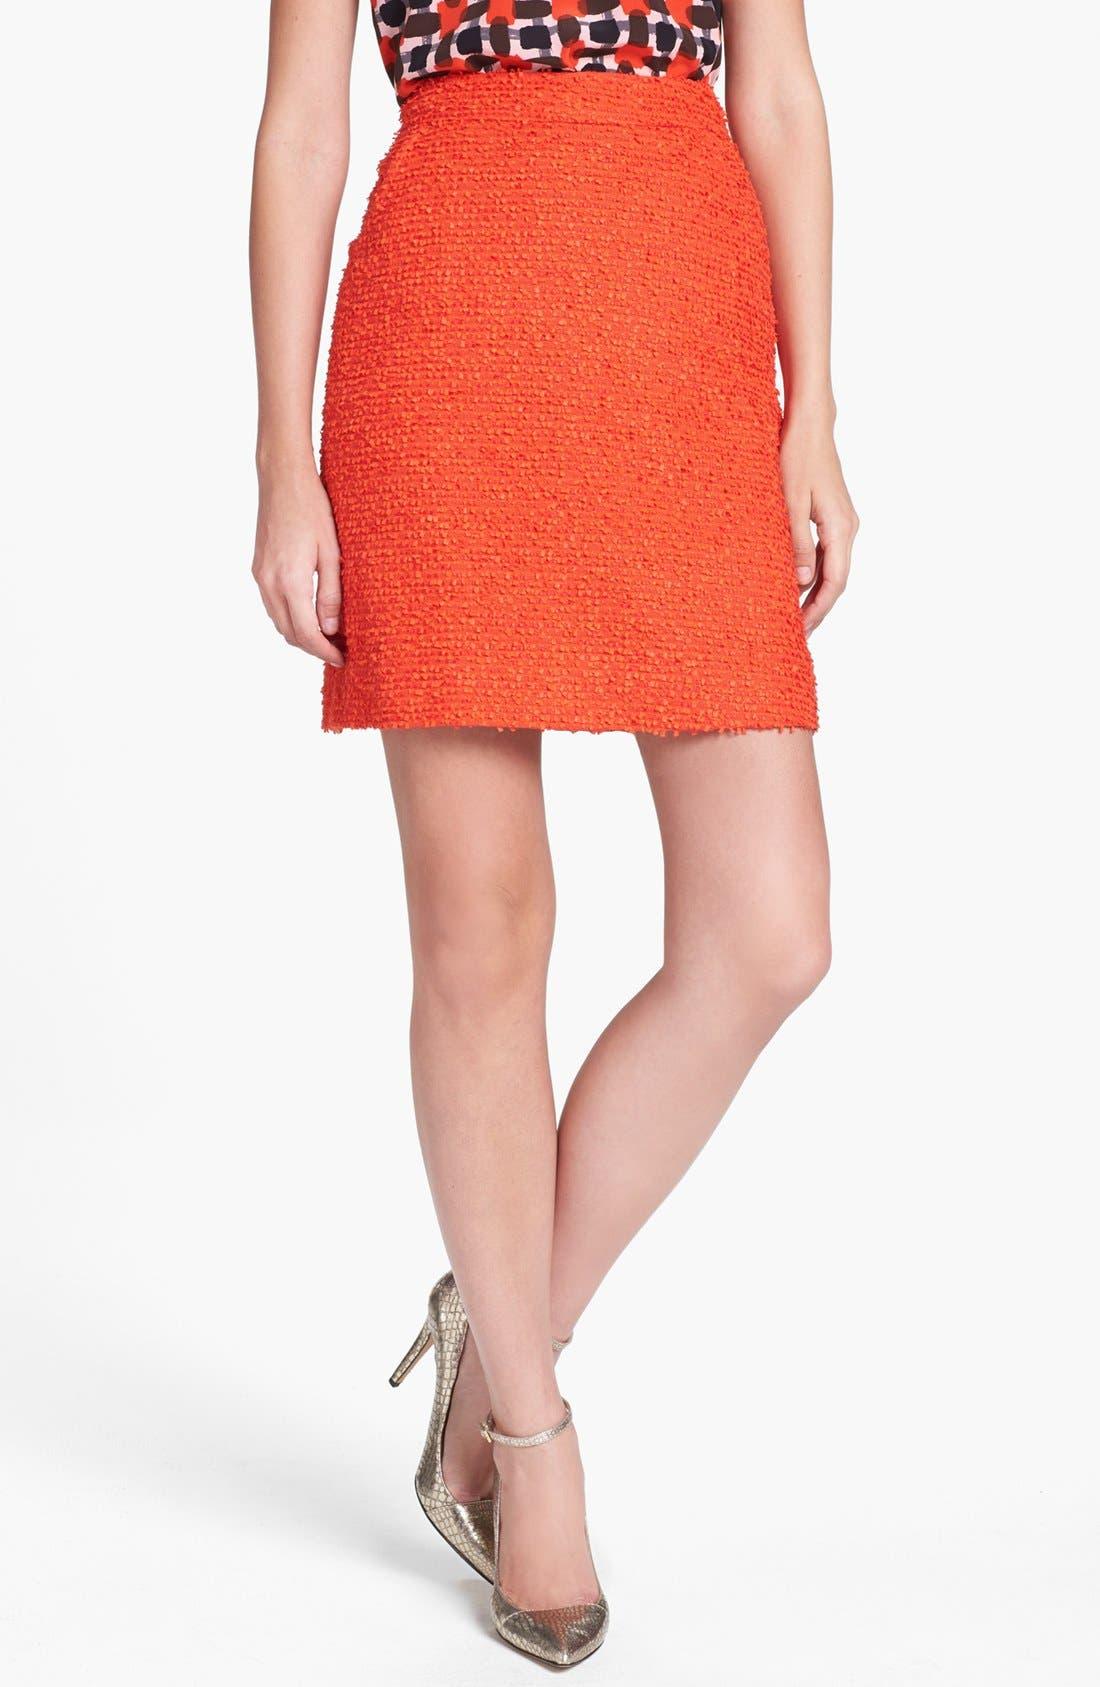 Alternate Image 1 Selected - kate spade new york 'coretta' skirt